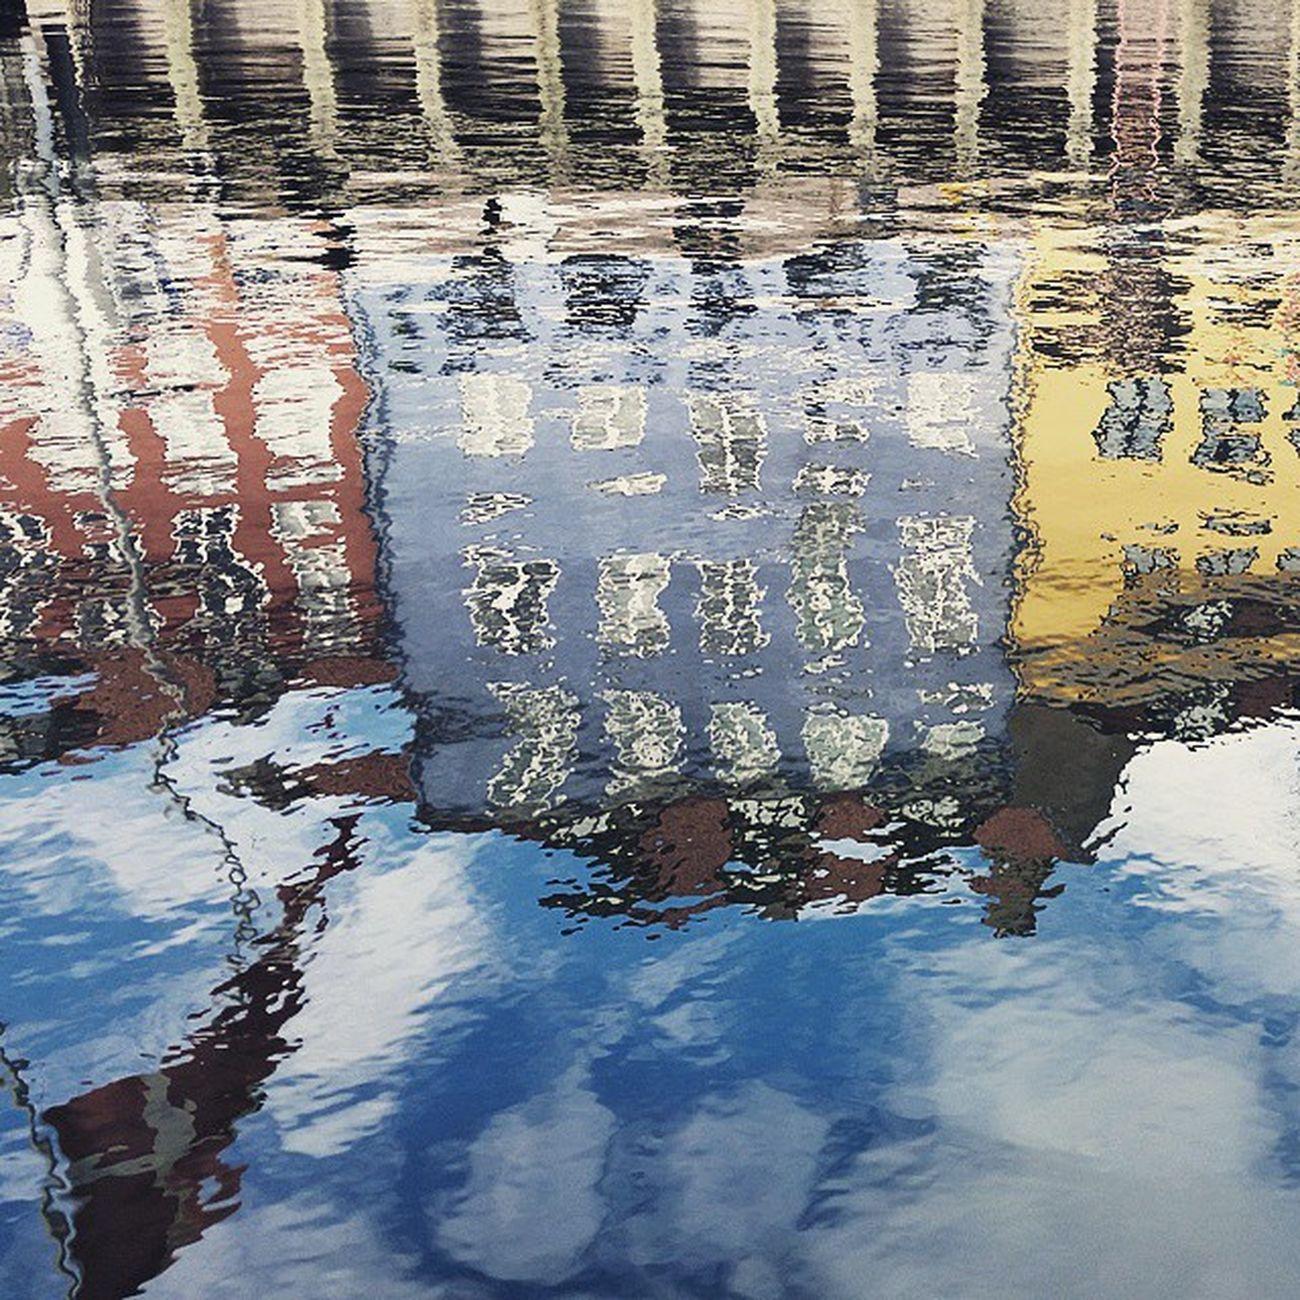 Canal boat tour Köbenhavn Nyhavnport Copenhagen Nyhavn Cb_travellogs @visitcopenhagen